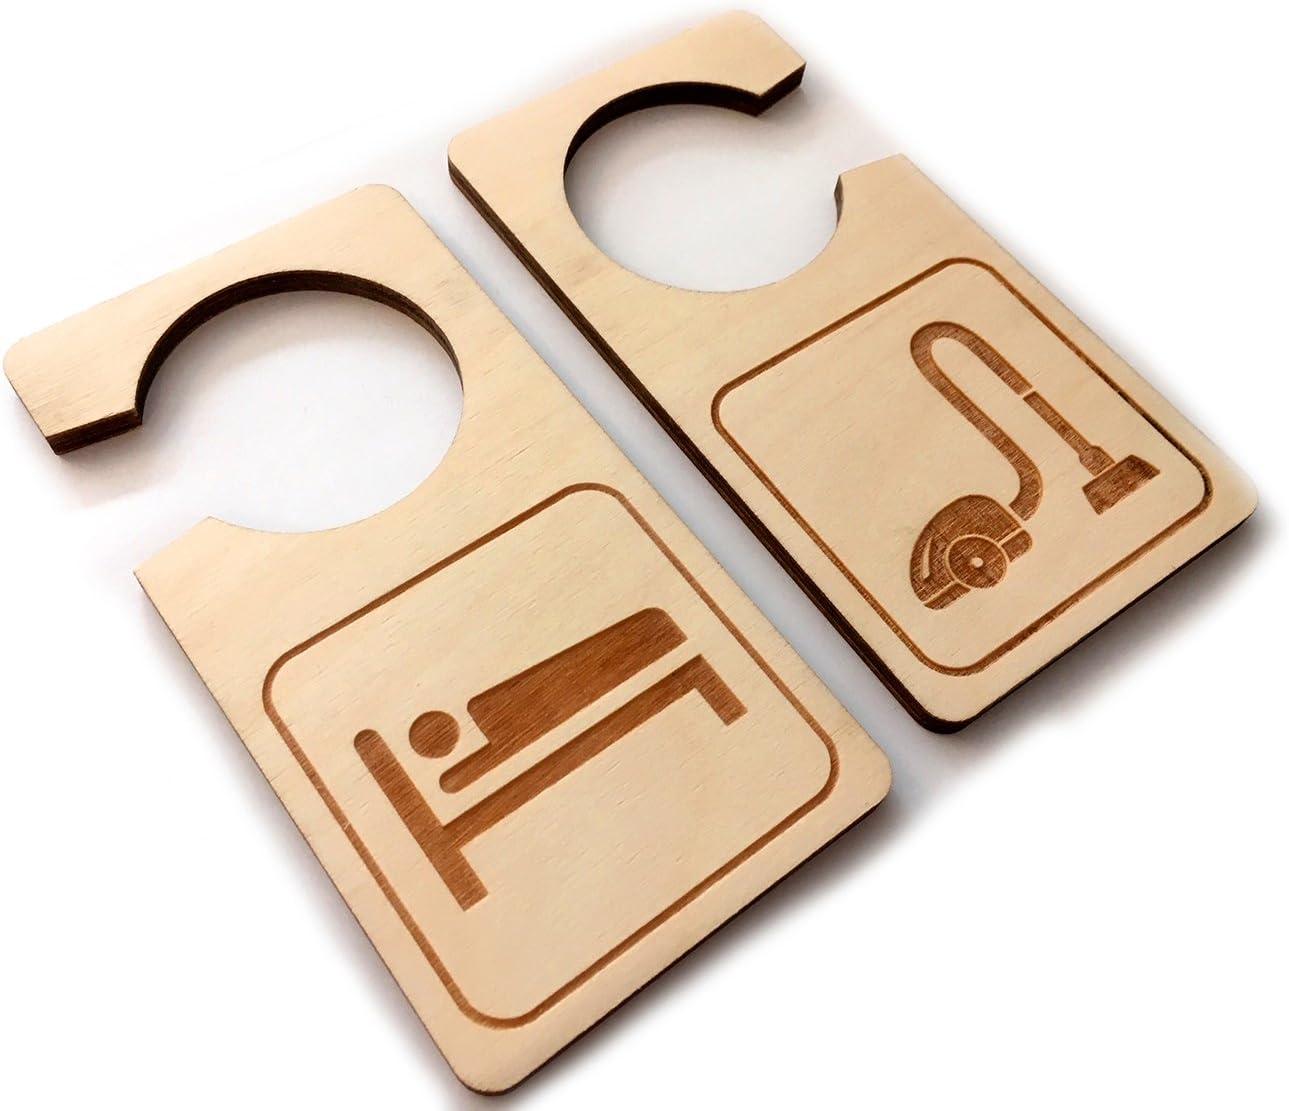 Tiptiper Le style de signe de suspension de porte /à 2 c/ôt/és ne d/érange pas Decal Home Shop Store Bedroom